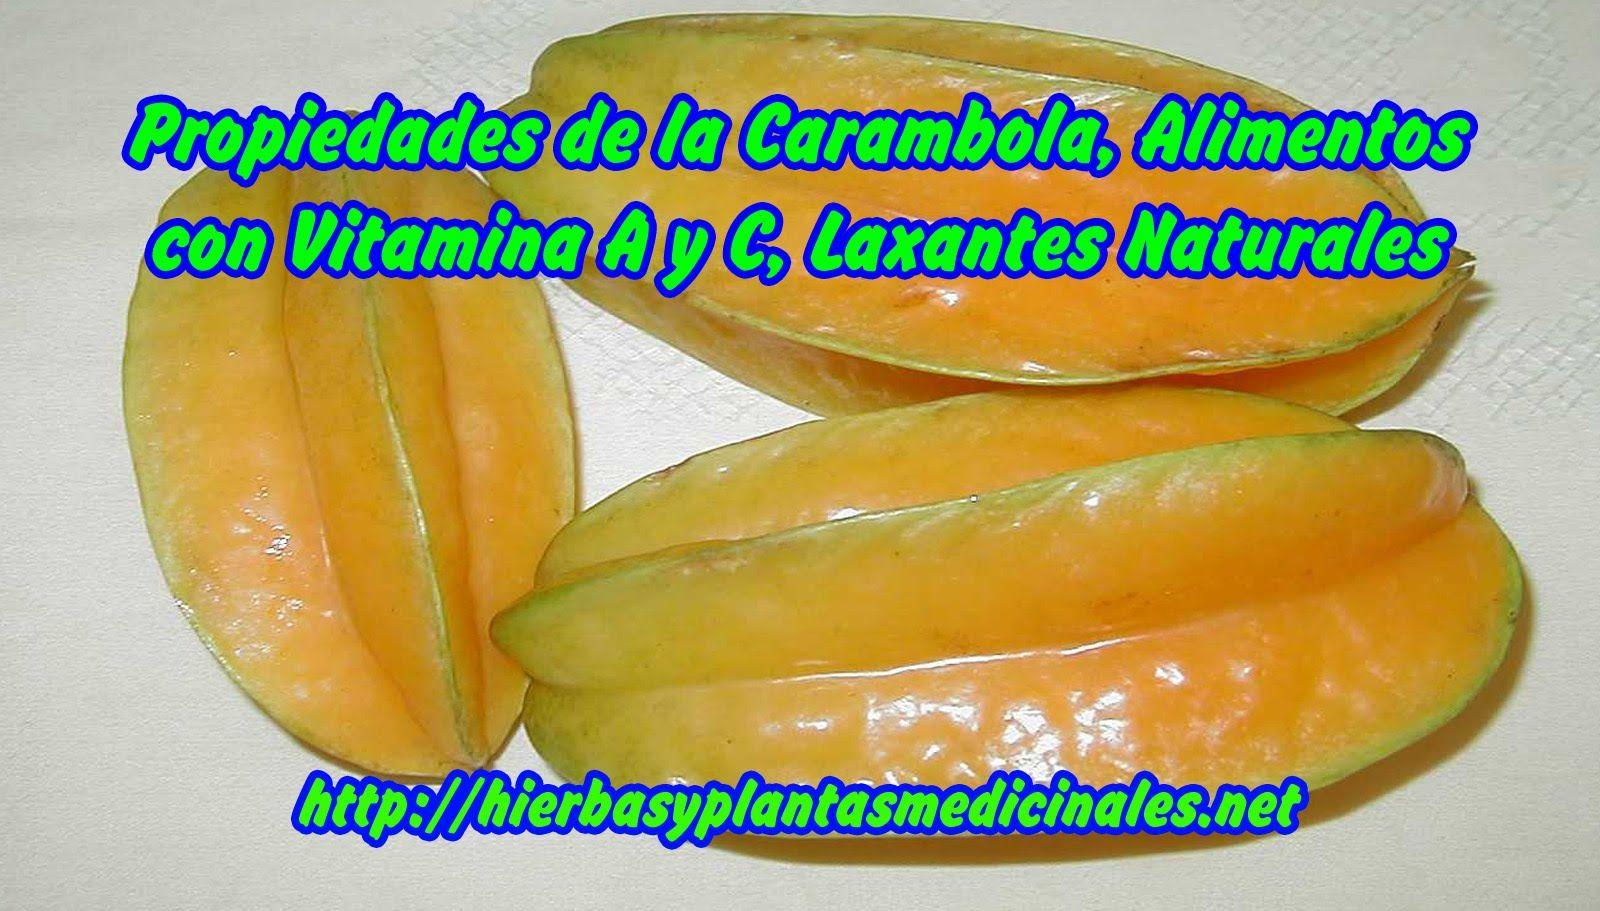 Propiedades de la carambola alimentos con vitamina a y c - Frutas diureticas y laxantes ...